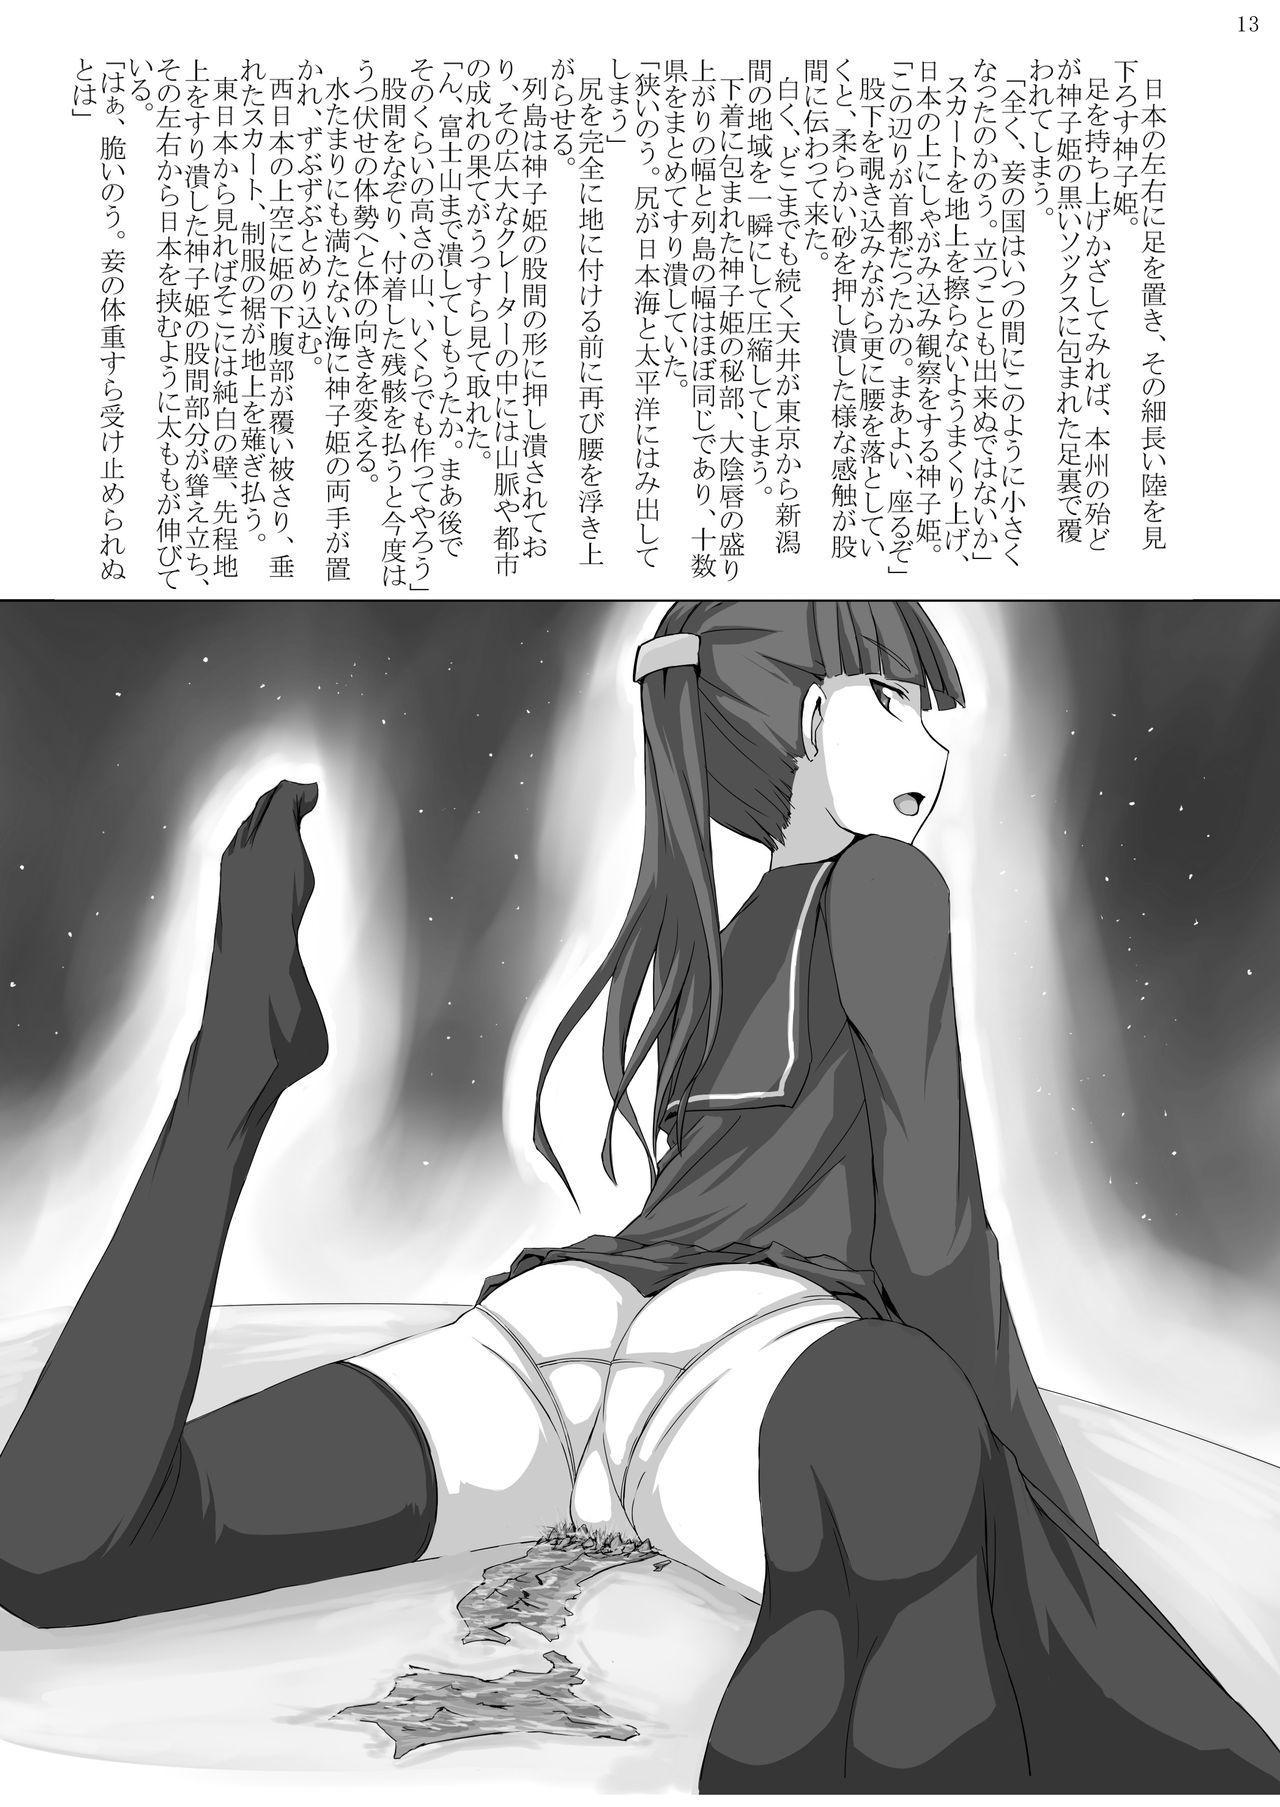 Kyojo Janee Kyodai Musume da! 12